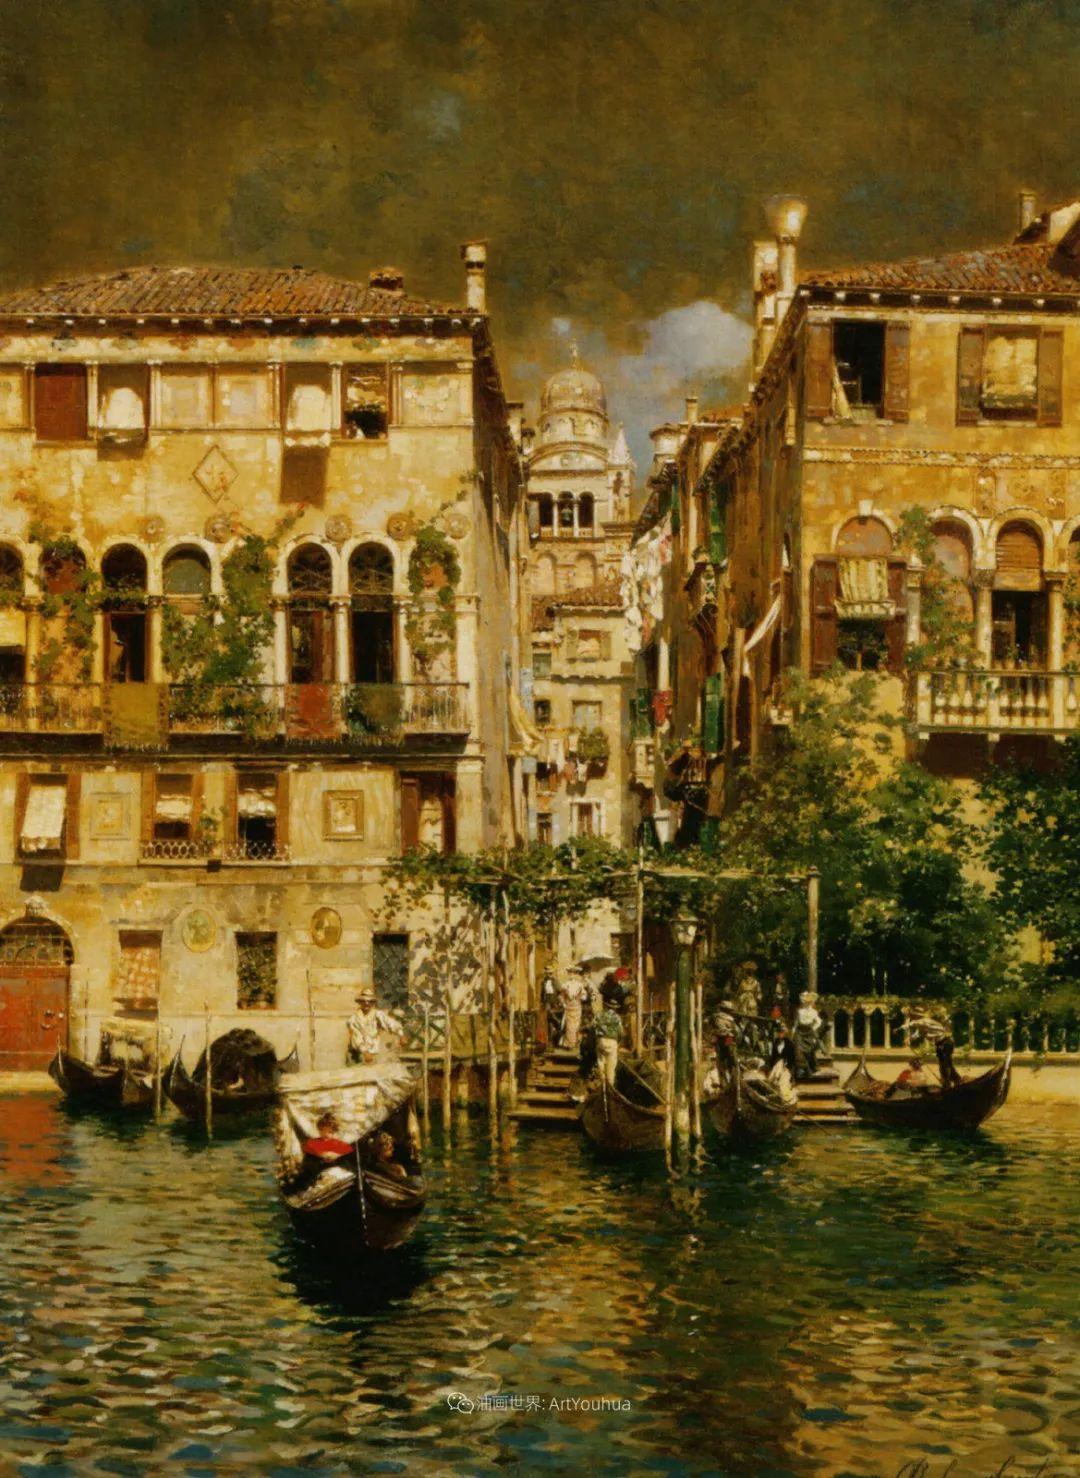 威尼斯风光,意大利画家鲁本斯·桑托罗插图23